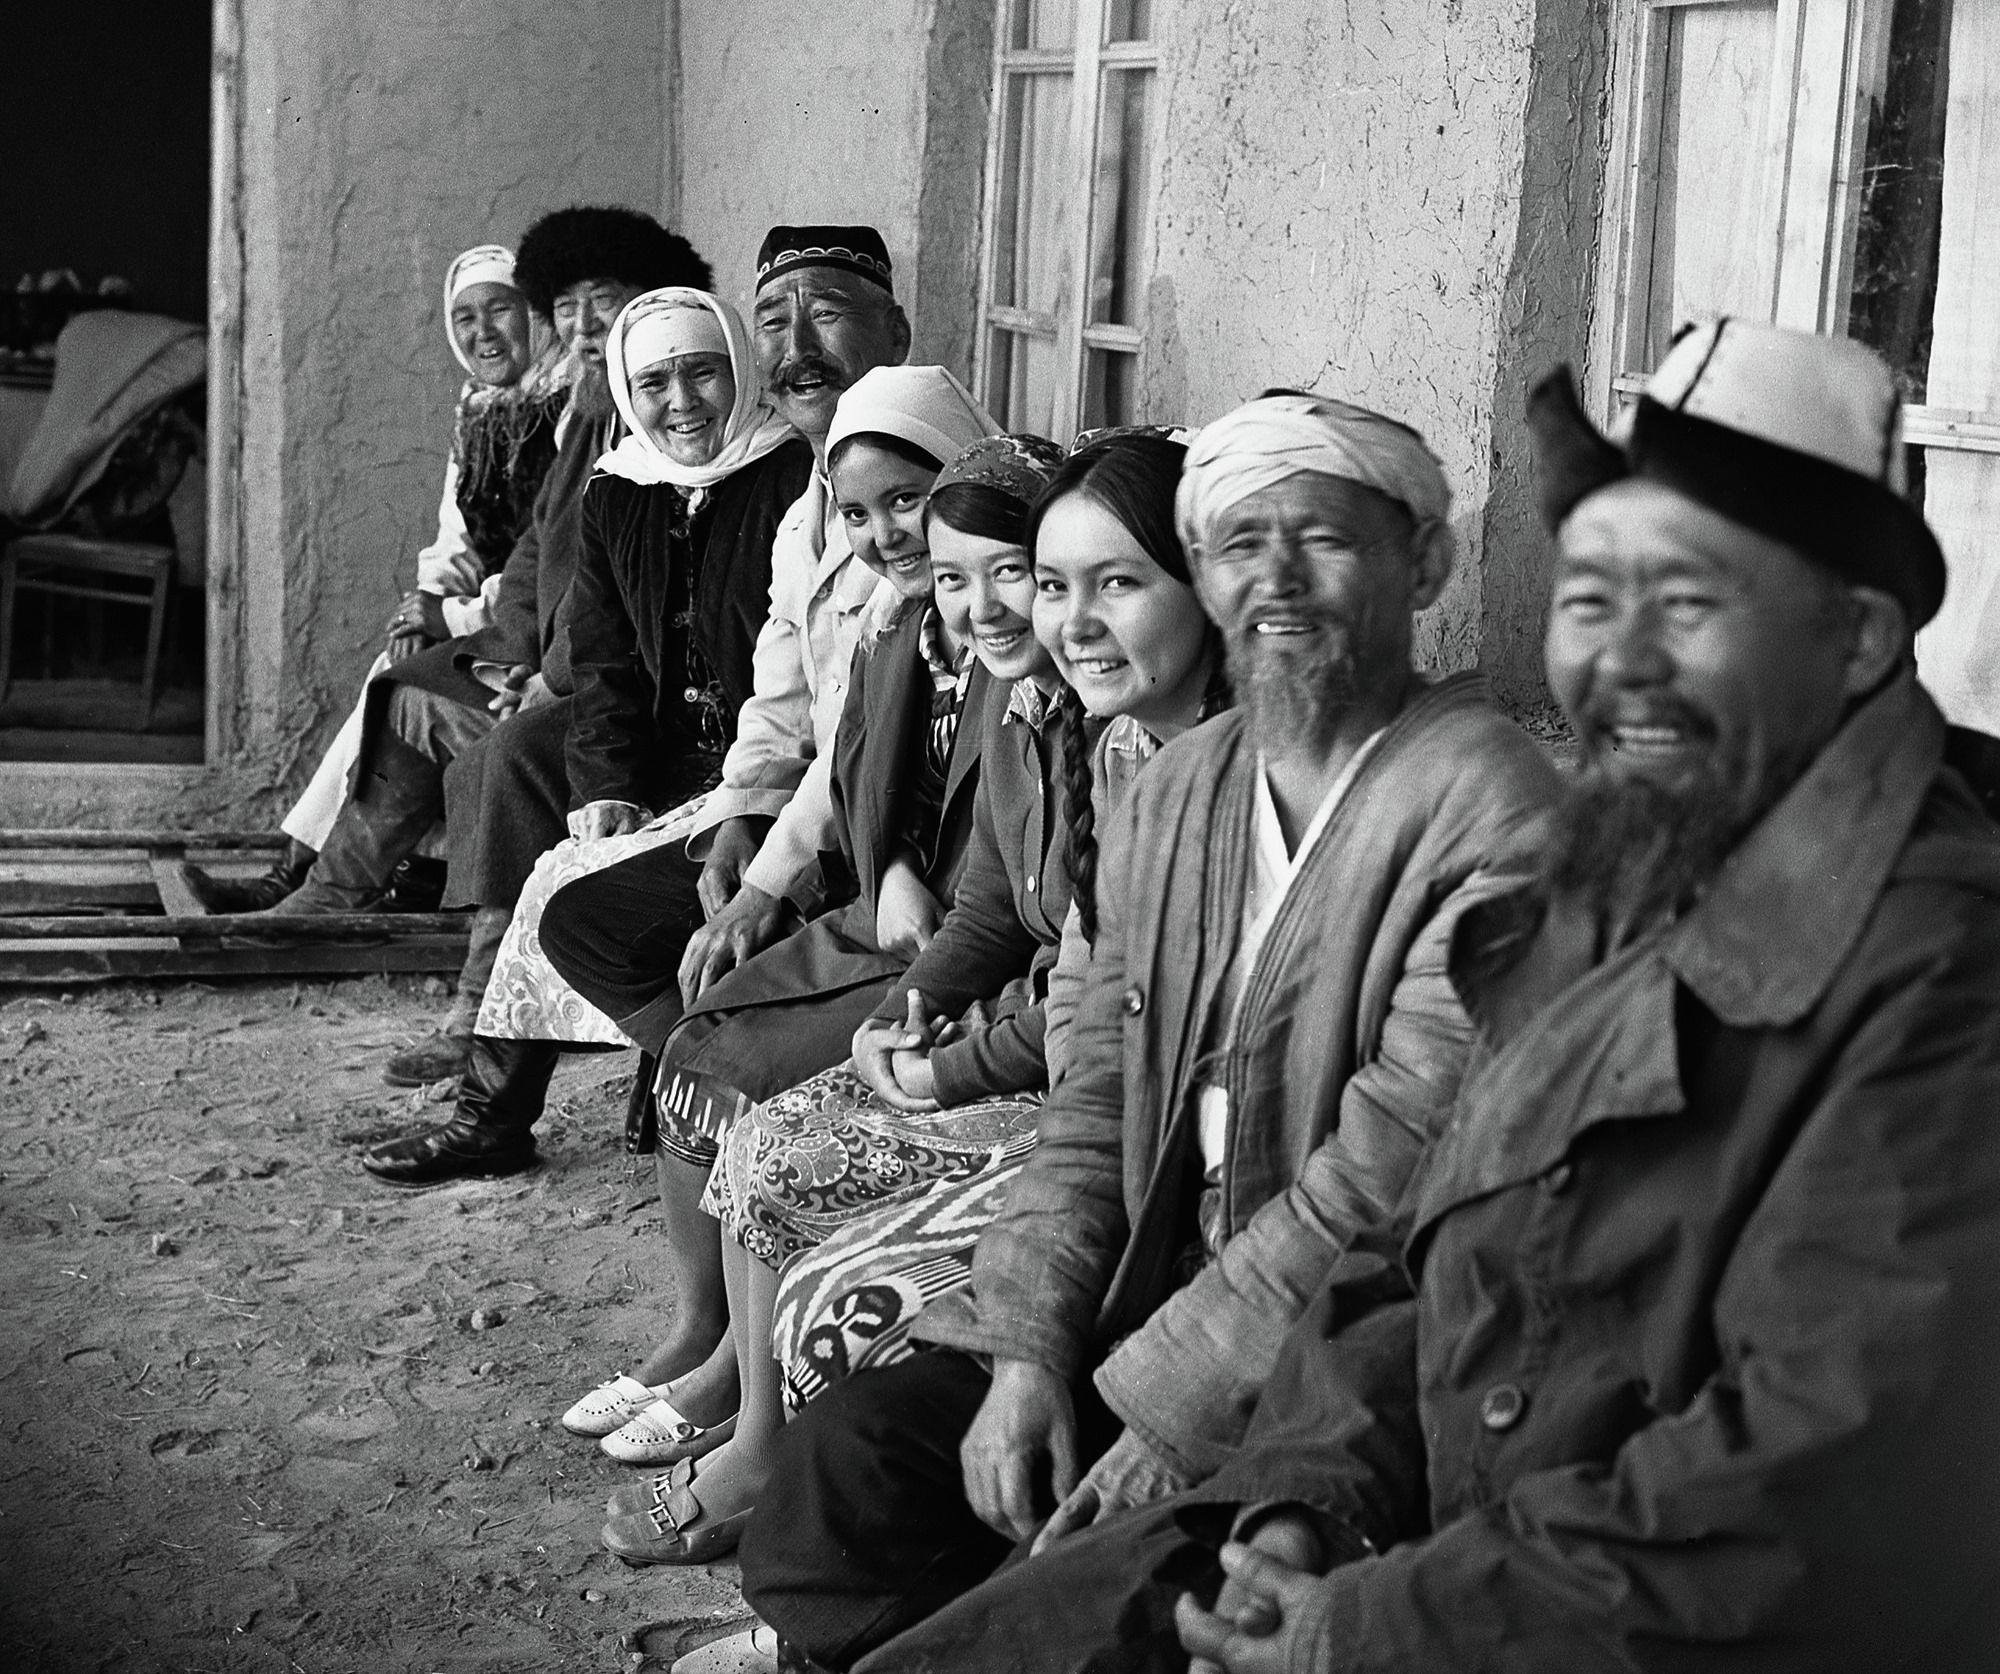 Это фото было снято в 1972 году в Оше во время съемок фильма Улица Геннадия Базарова. В кадре запечатлены известные и начинающие актеры того времени.